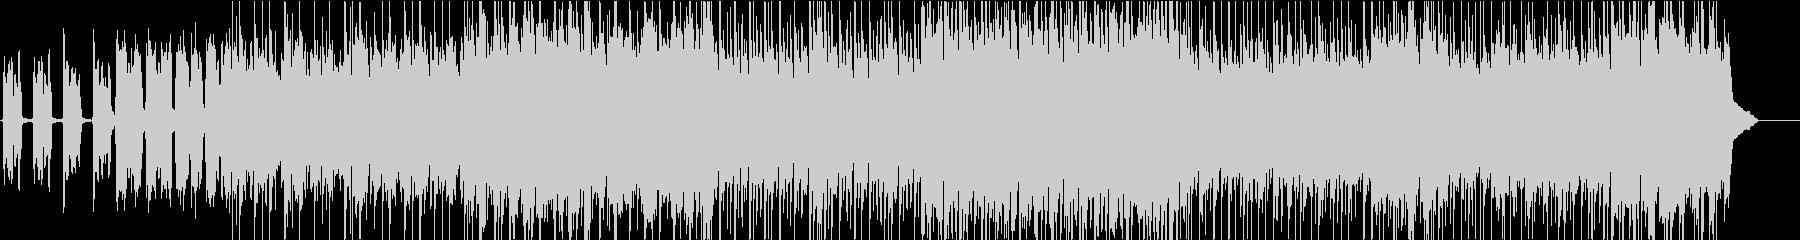 ガムラン音楽のようなエスニック風インストの未再生の波形